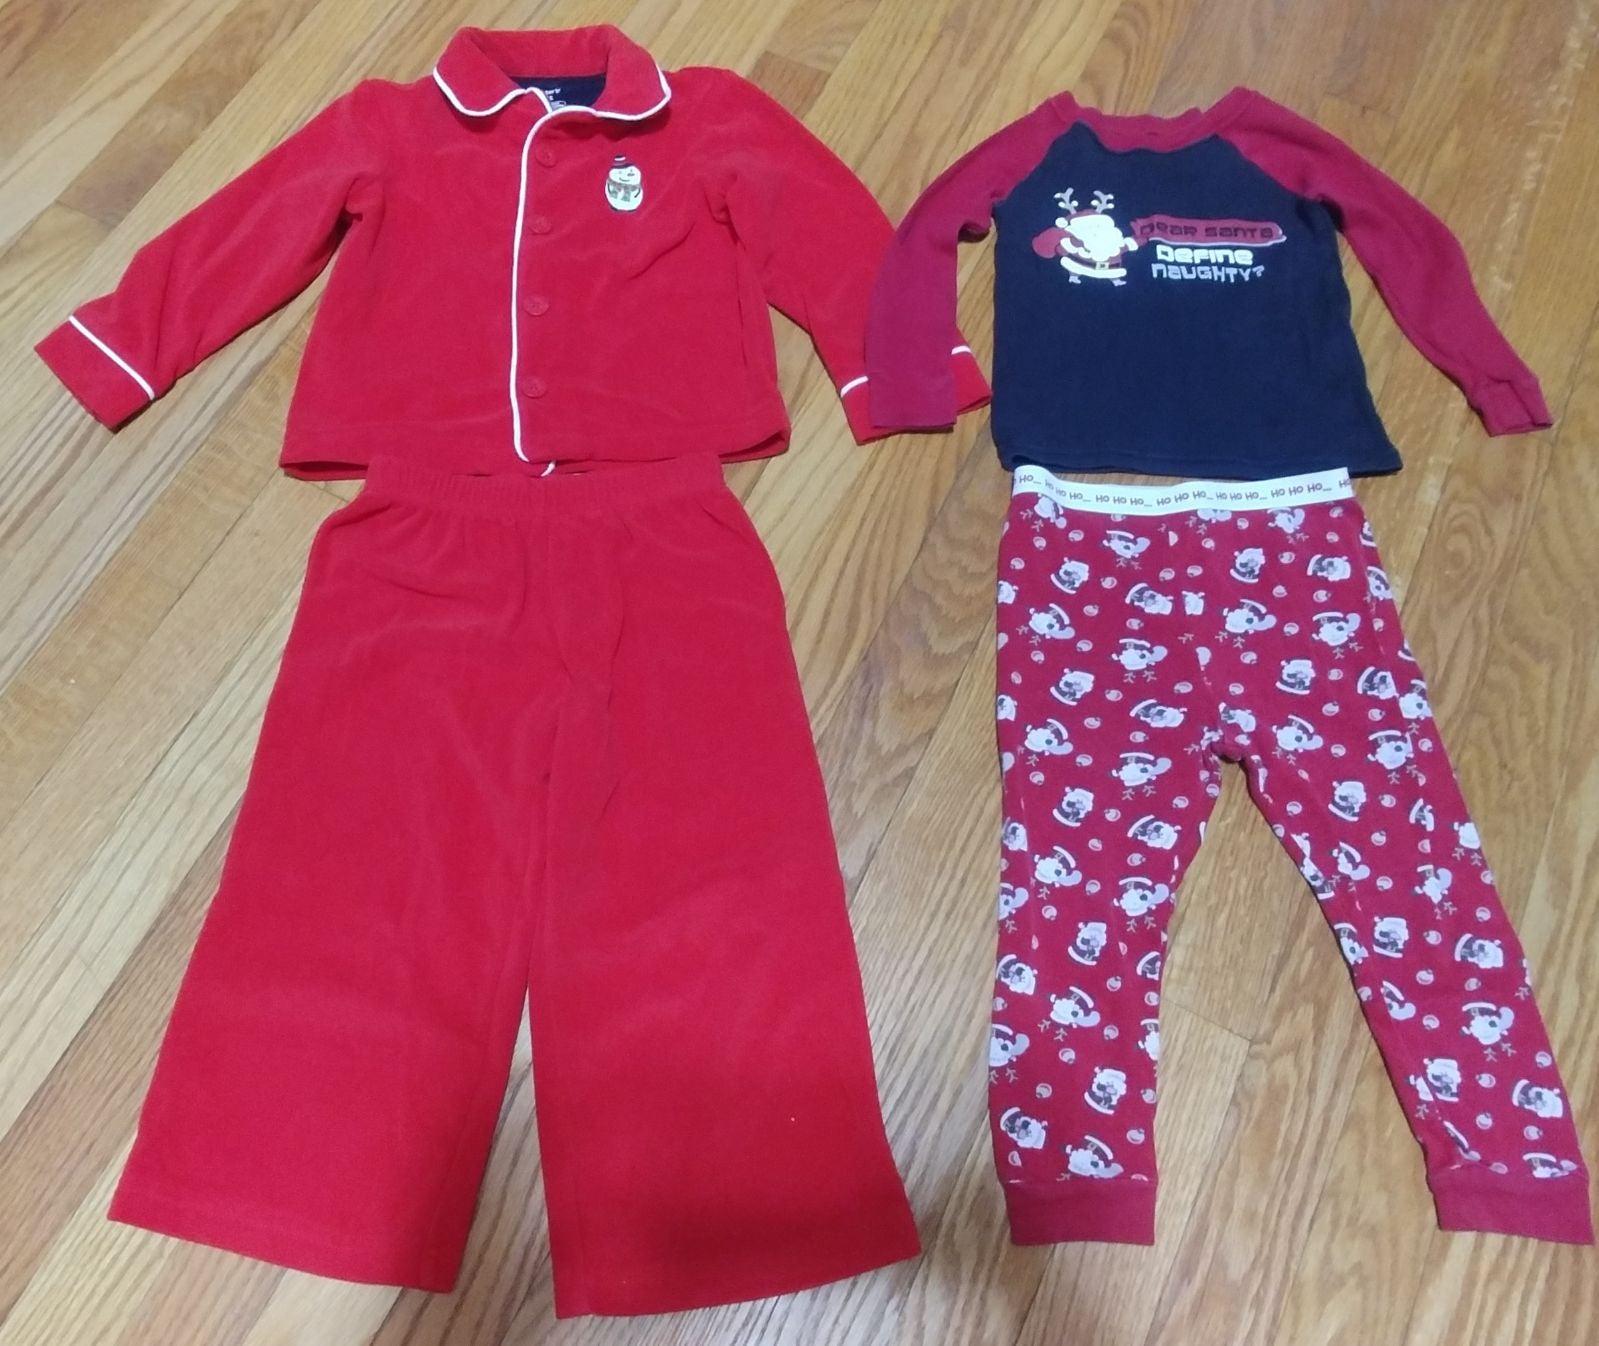 Toddler Boy Pajamas - Size 3t